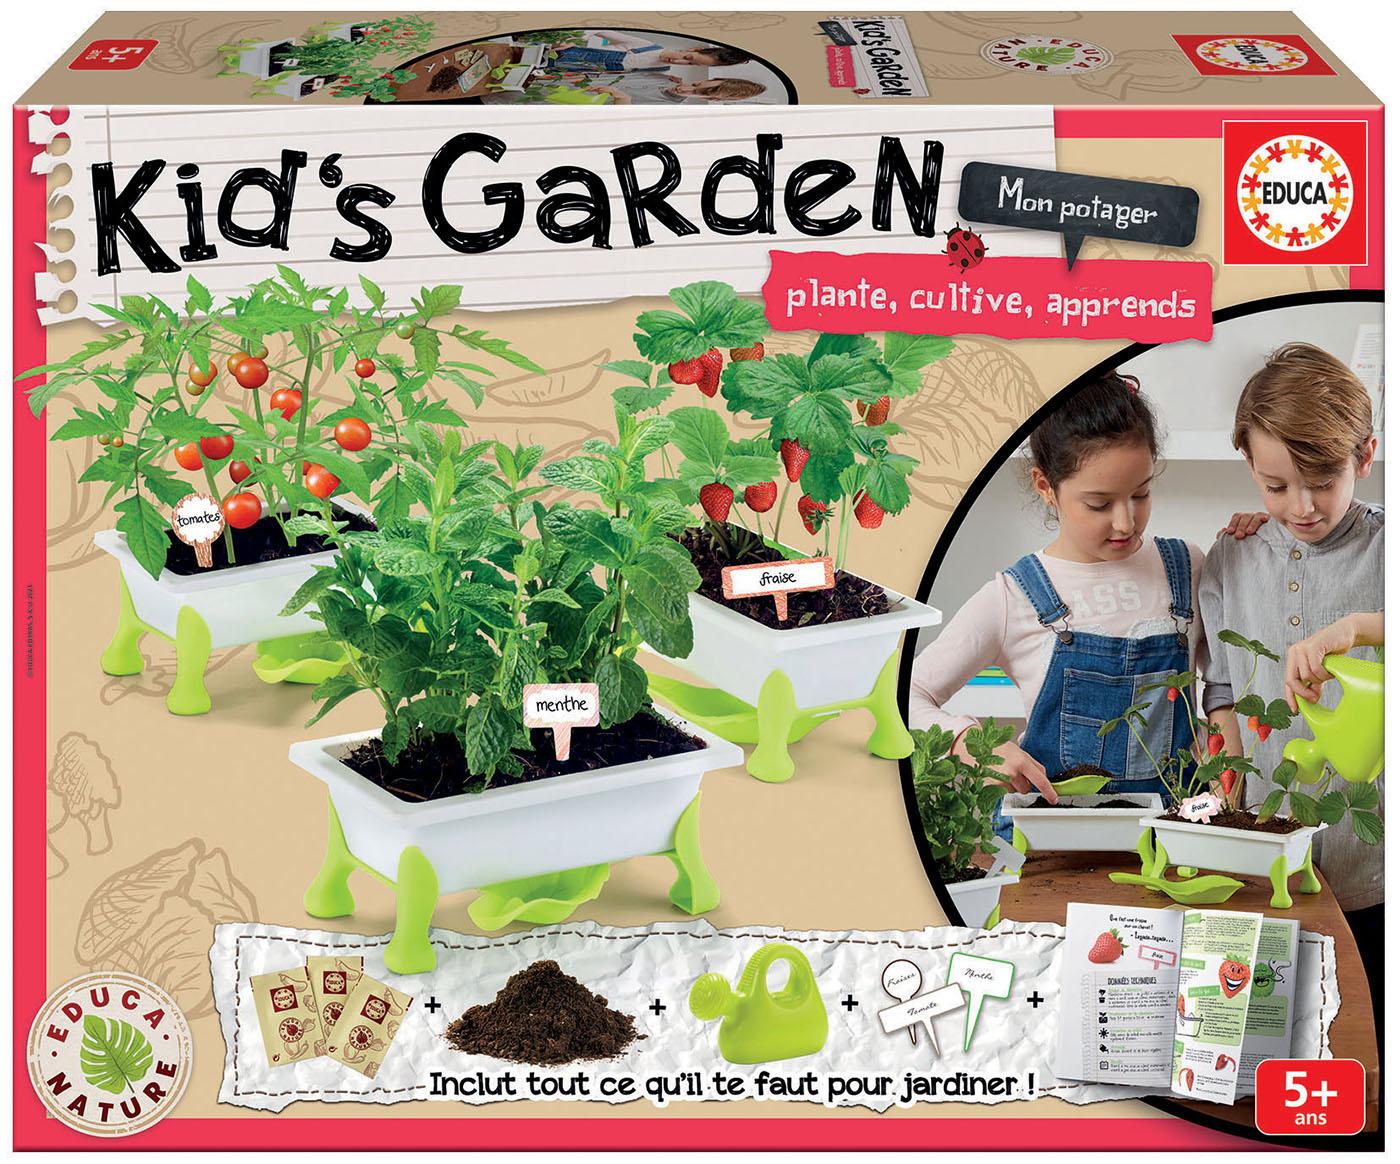 Kids Garden tomates + fraises + menthe